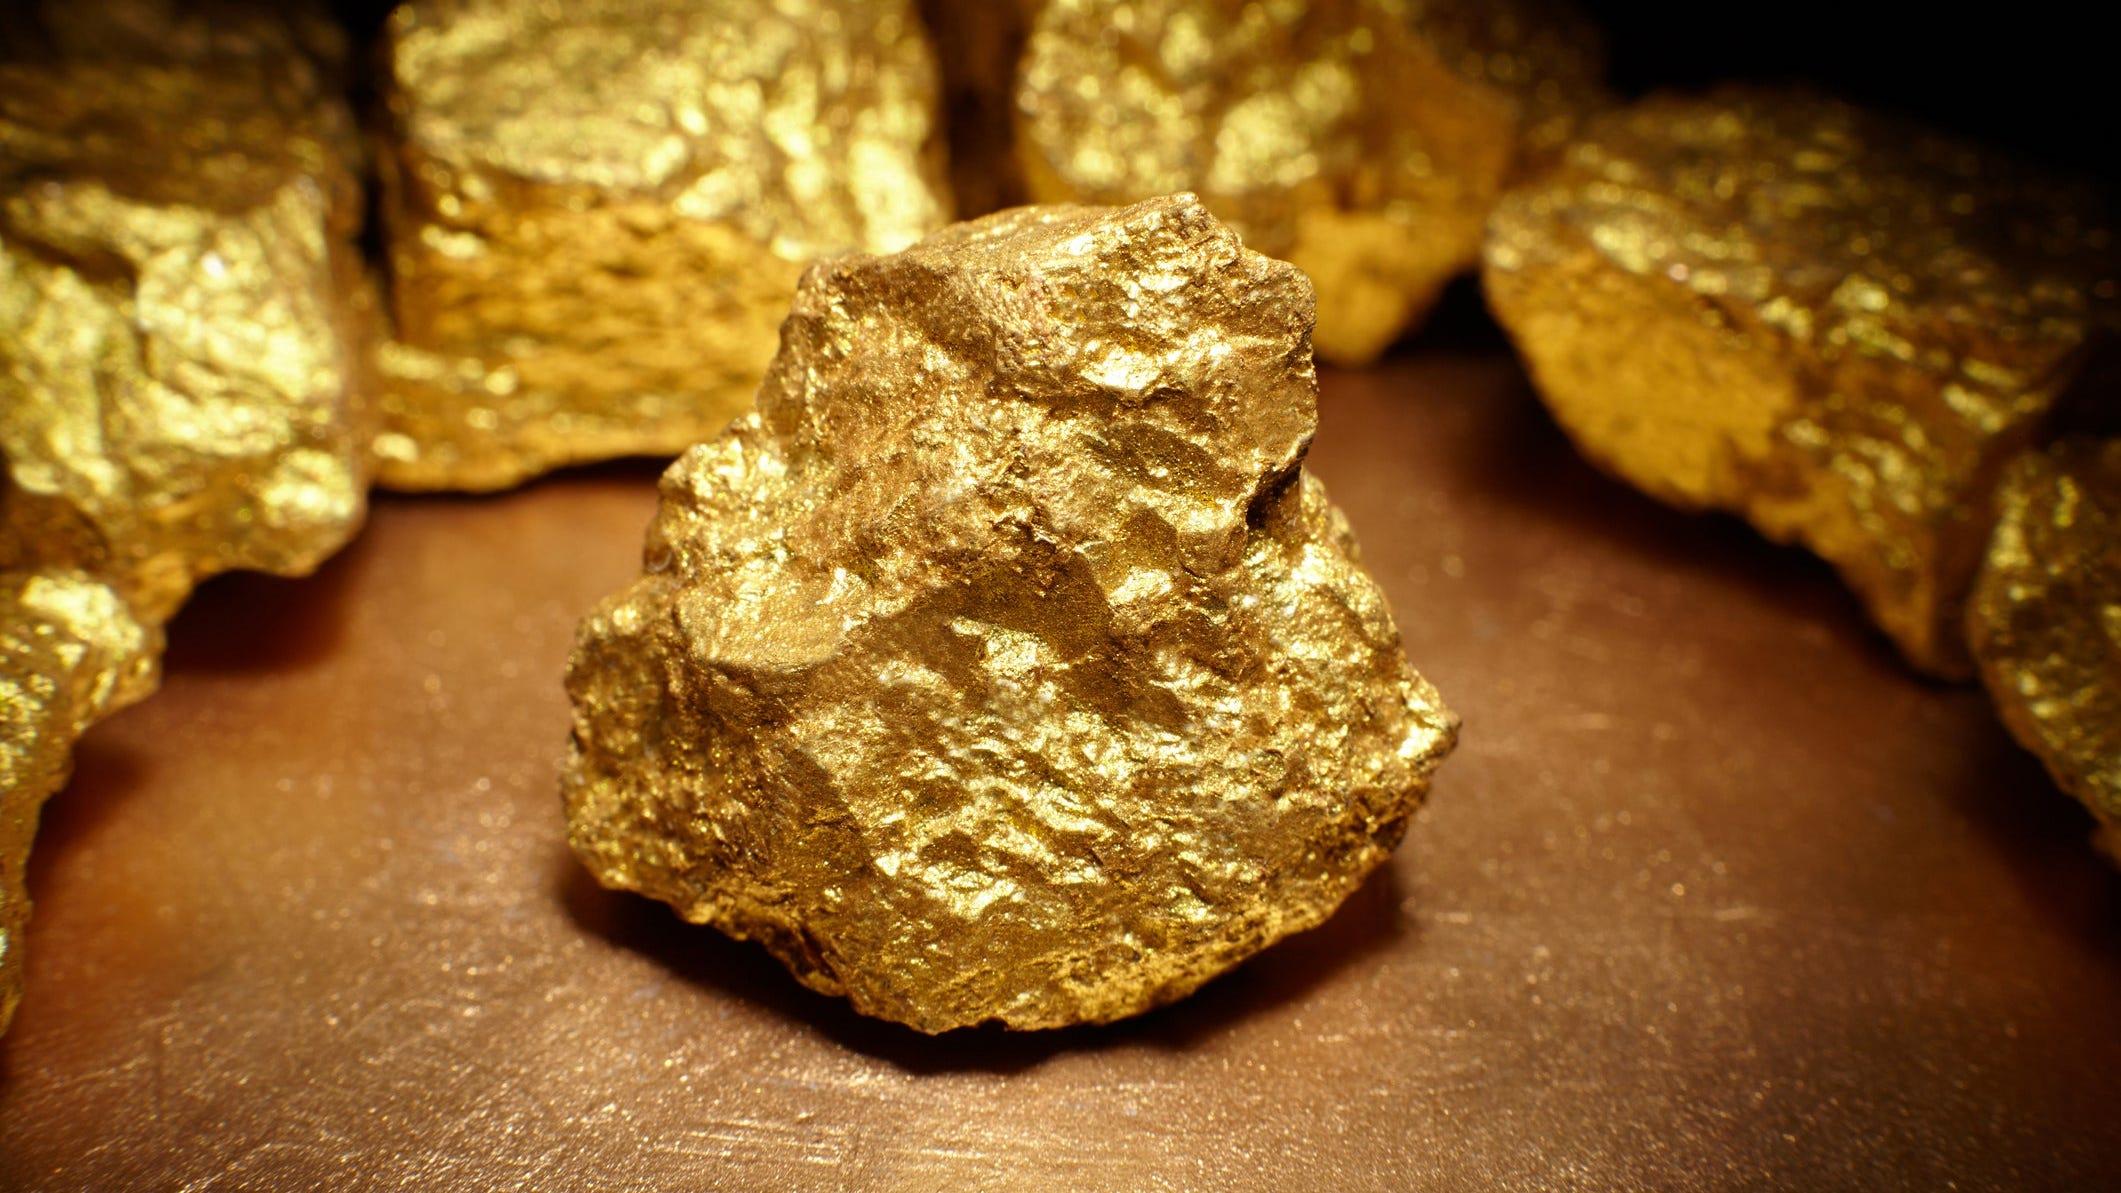 Giá vàng hôm nay 13/8: Biến động trái chiều, nhưng vẫn trên mức 1.750 USD/ounce